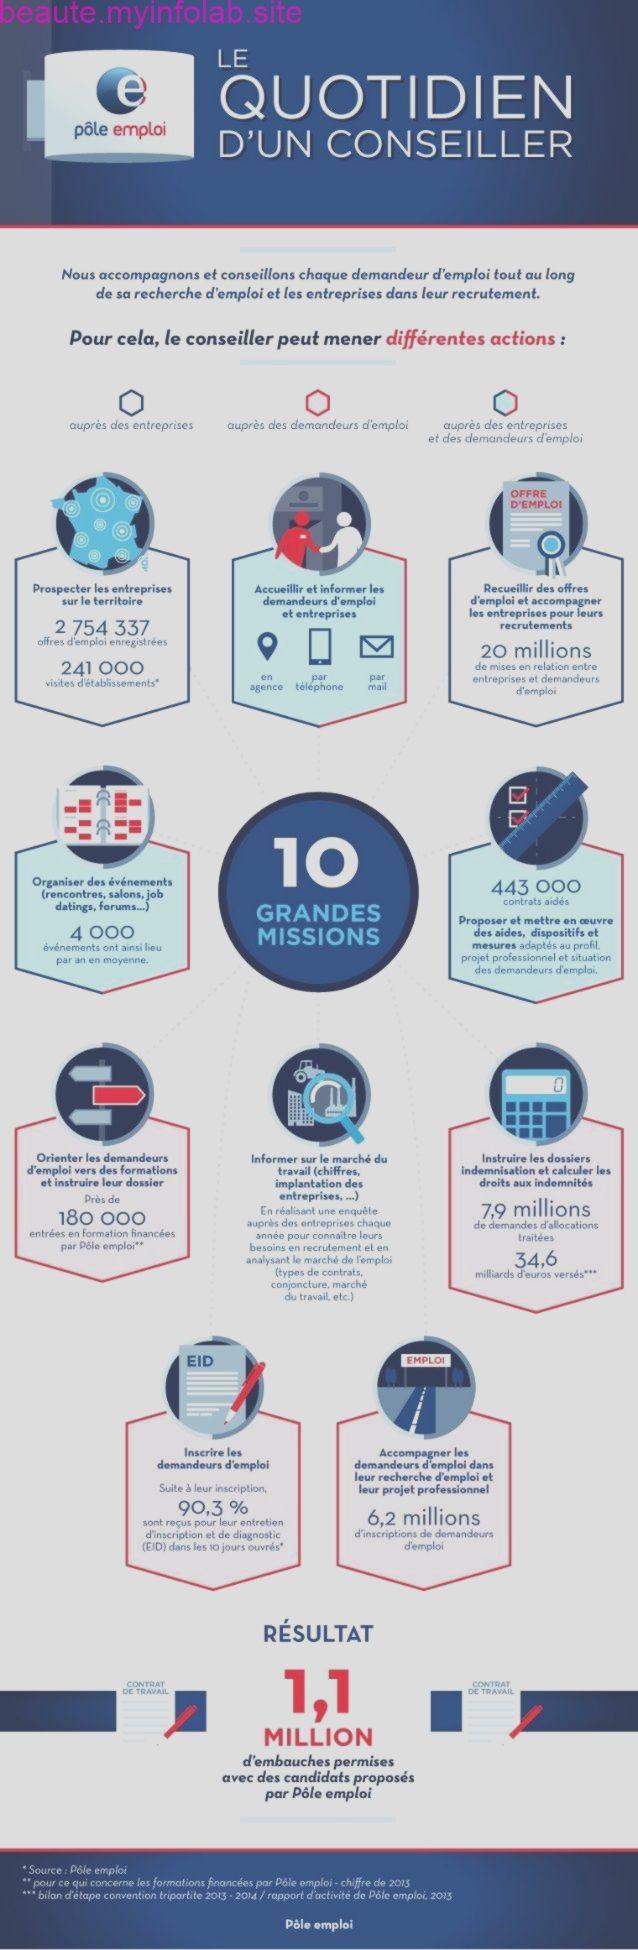 Le Quotidien D 39 Un Conseiller Pole Emploi By Pole Emploi Via Slideshare Infographic Resume Job Fair